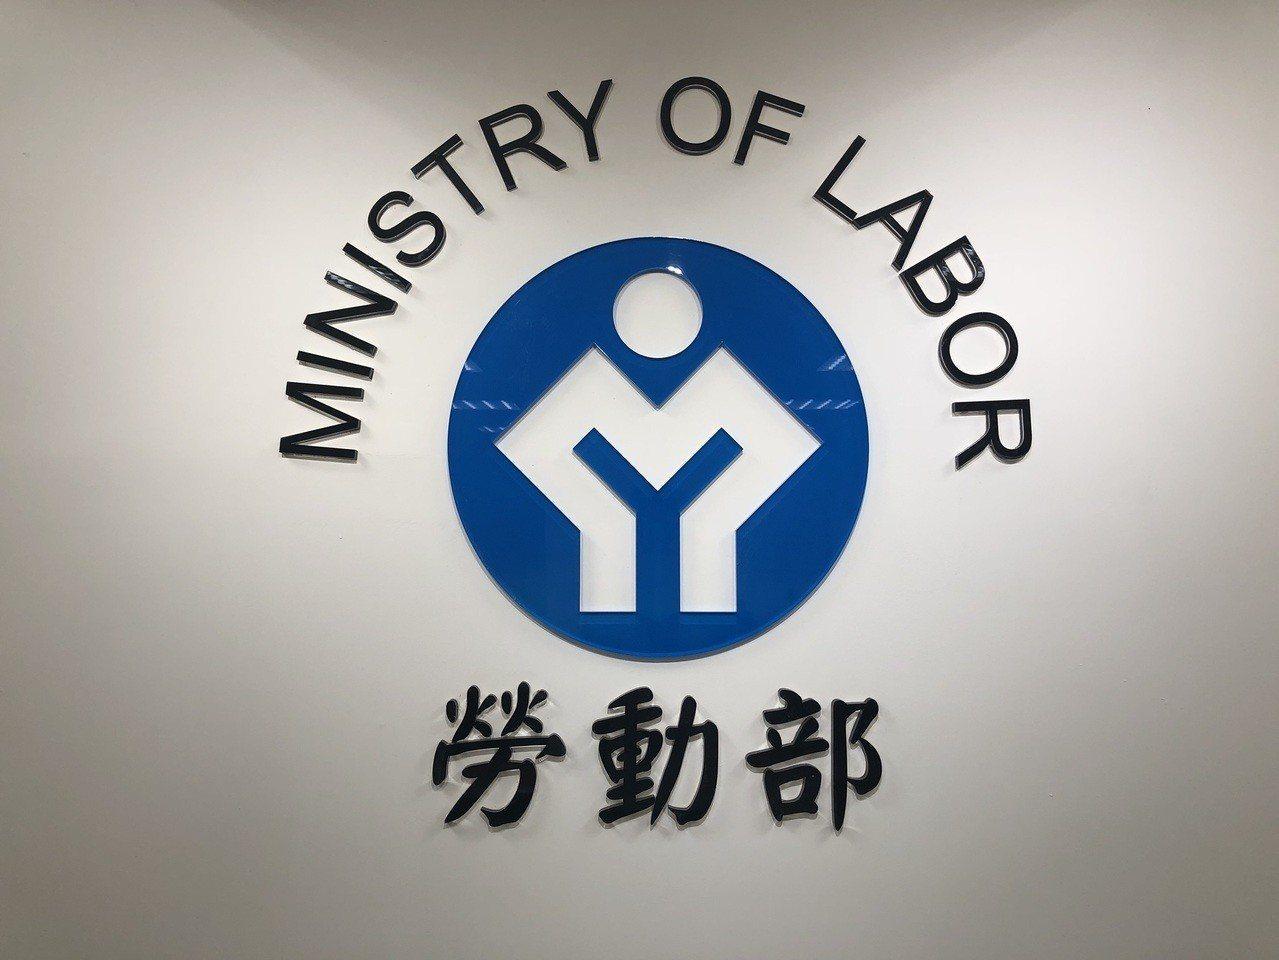 第二波鬆綁7休1行業,勞動部6日將公告。圖/本報資料照